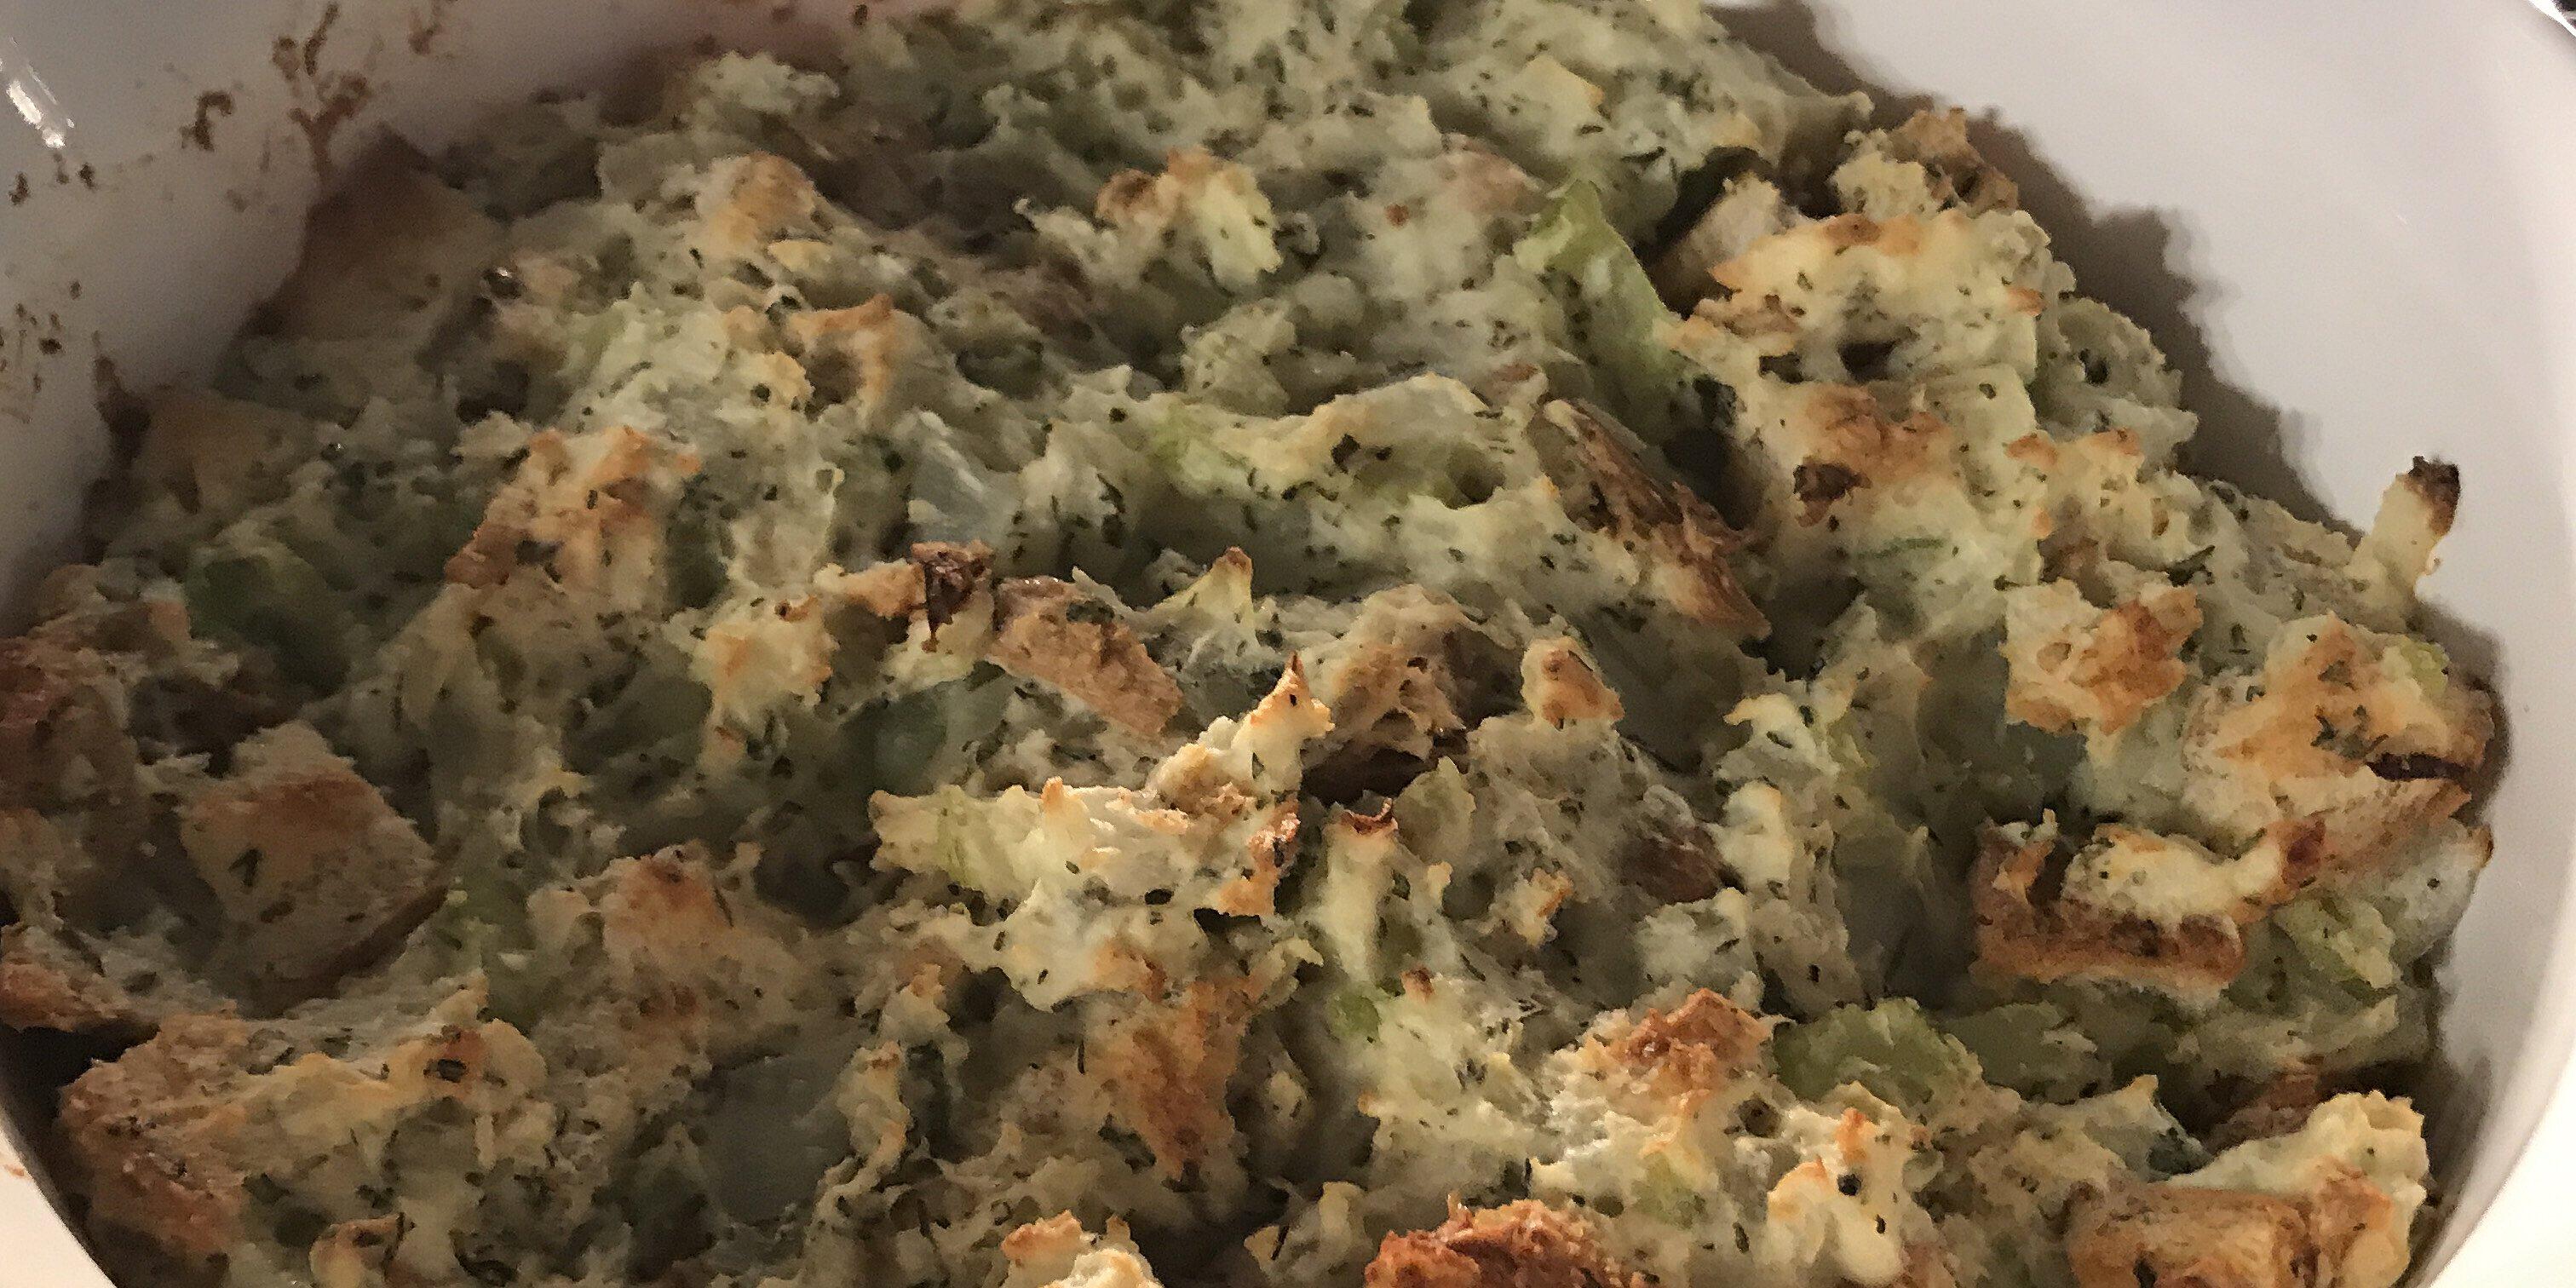 back to grandma smiths new brunswick style turkey stuffing recipe